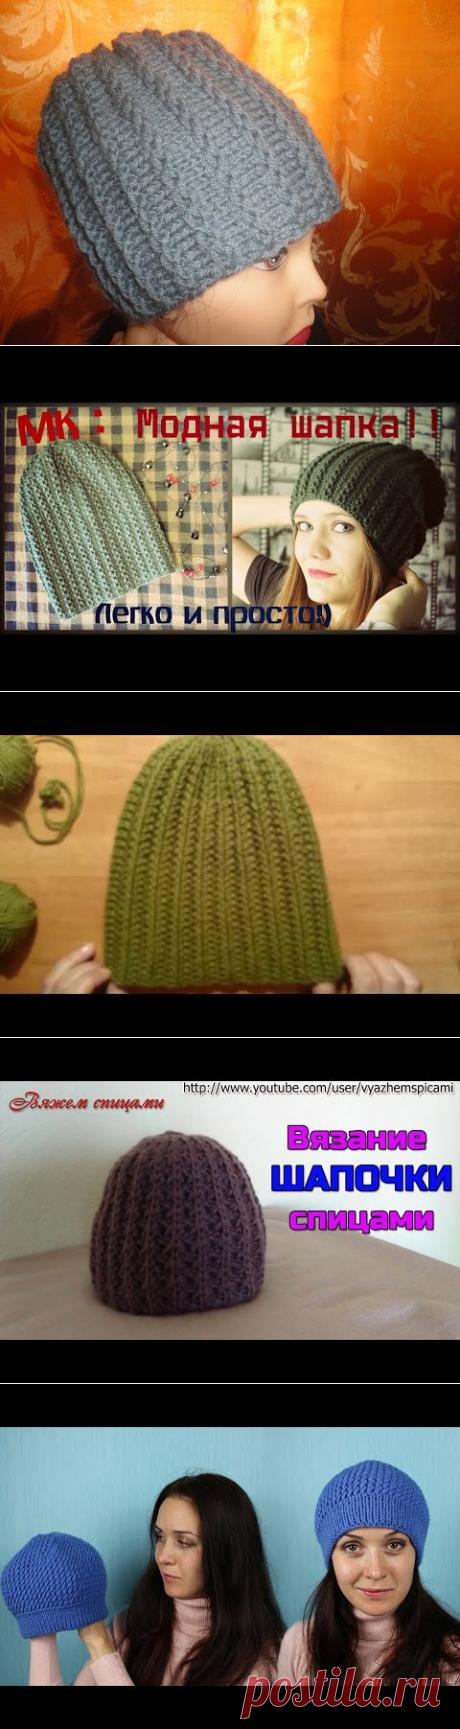 Как связать шапку спицами на весну. Узор цепочка. - YouTube